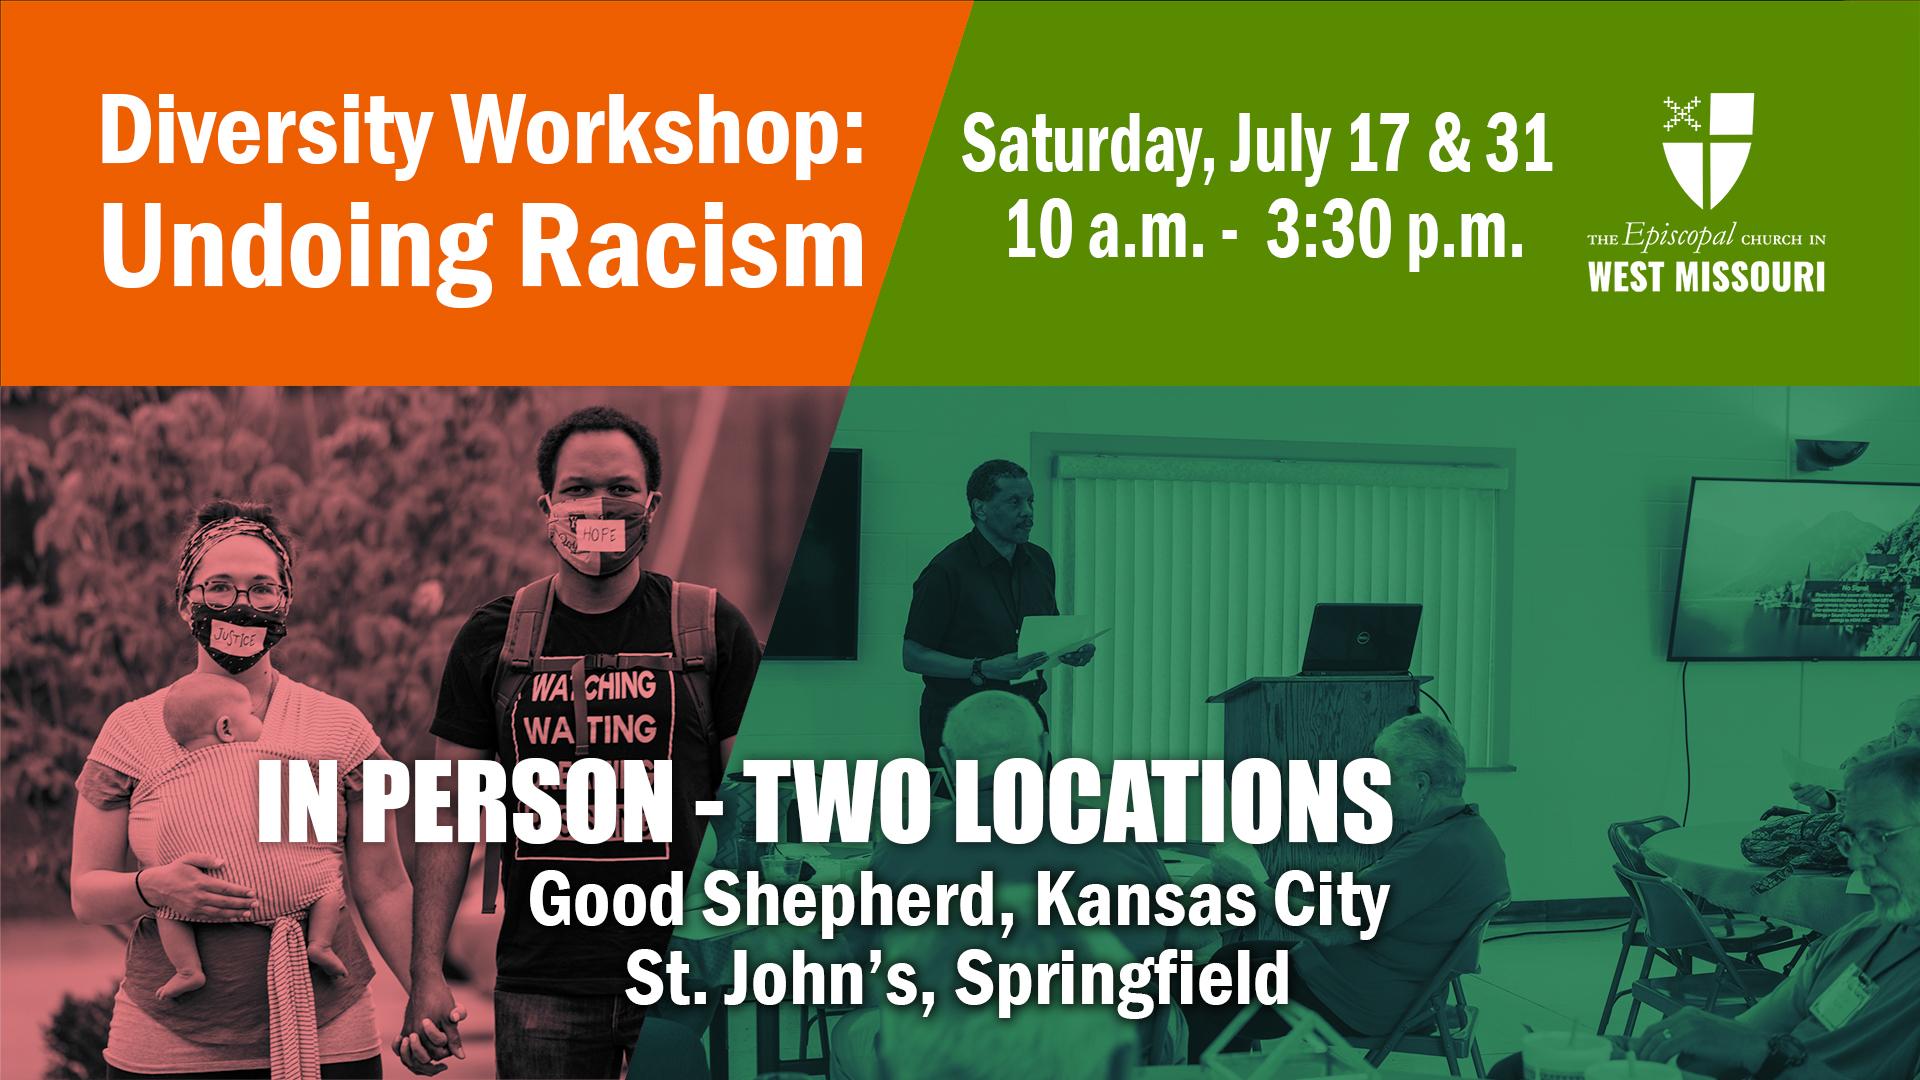 Summer Diversity Workshop: Undoing Racism